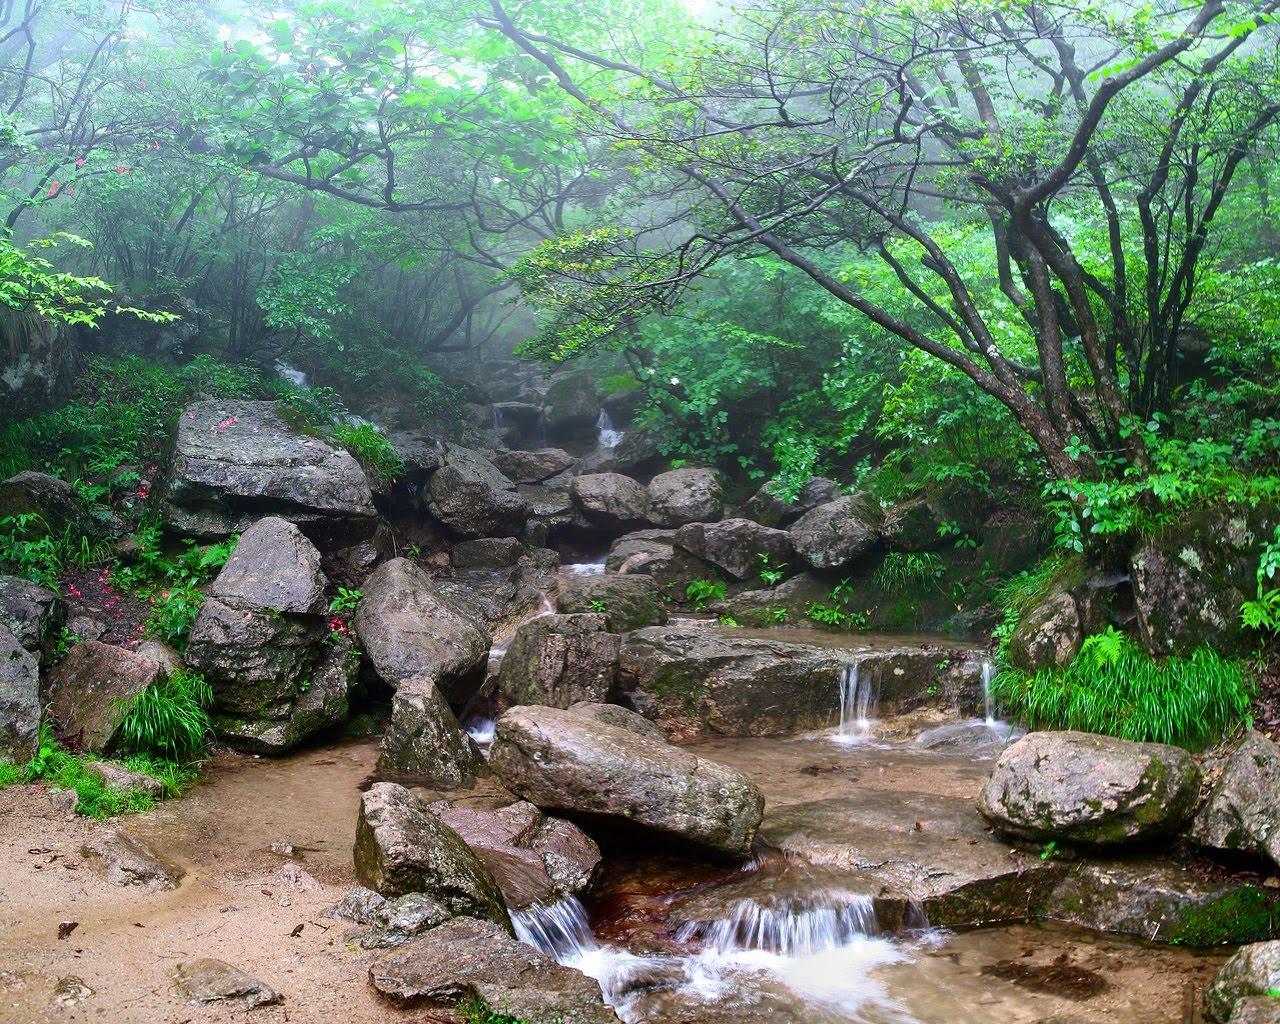 http://3.bp.blogspot.com/_34wqQuaxkgk/TLRYZtTyW_I/AAAAAAAAAJA/CkdddWSjCEc/s1600/utopia.jpg